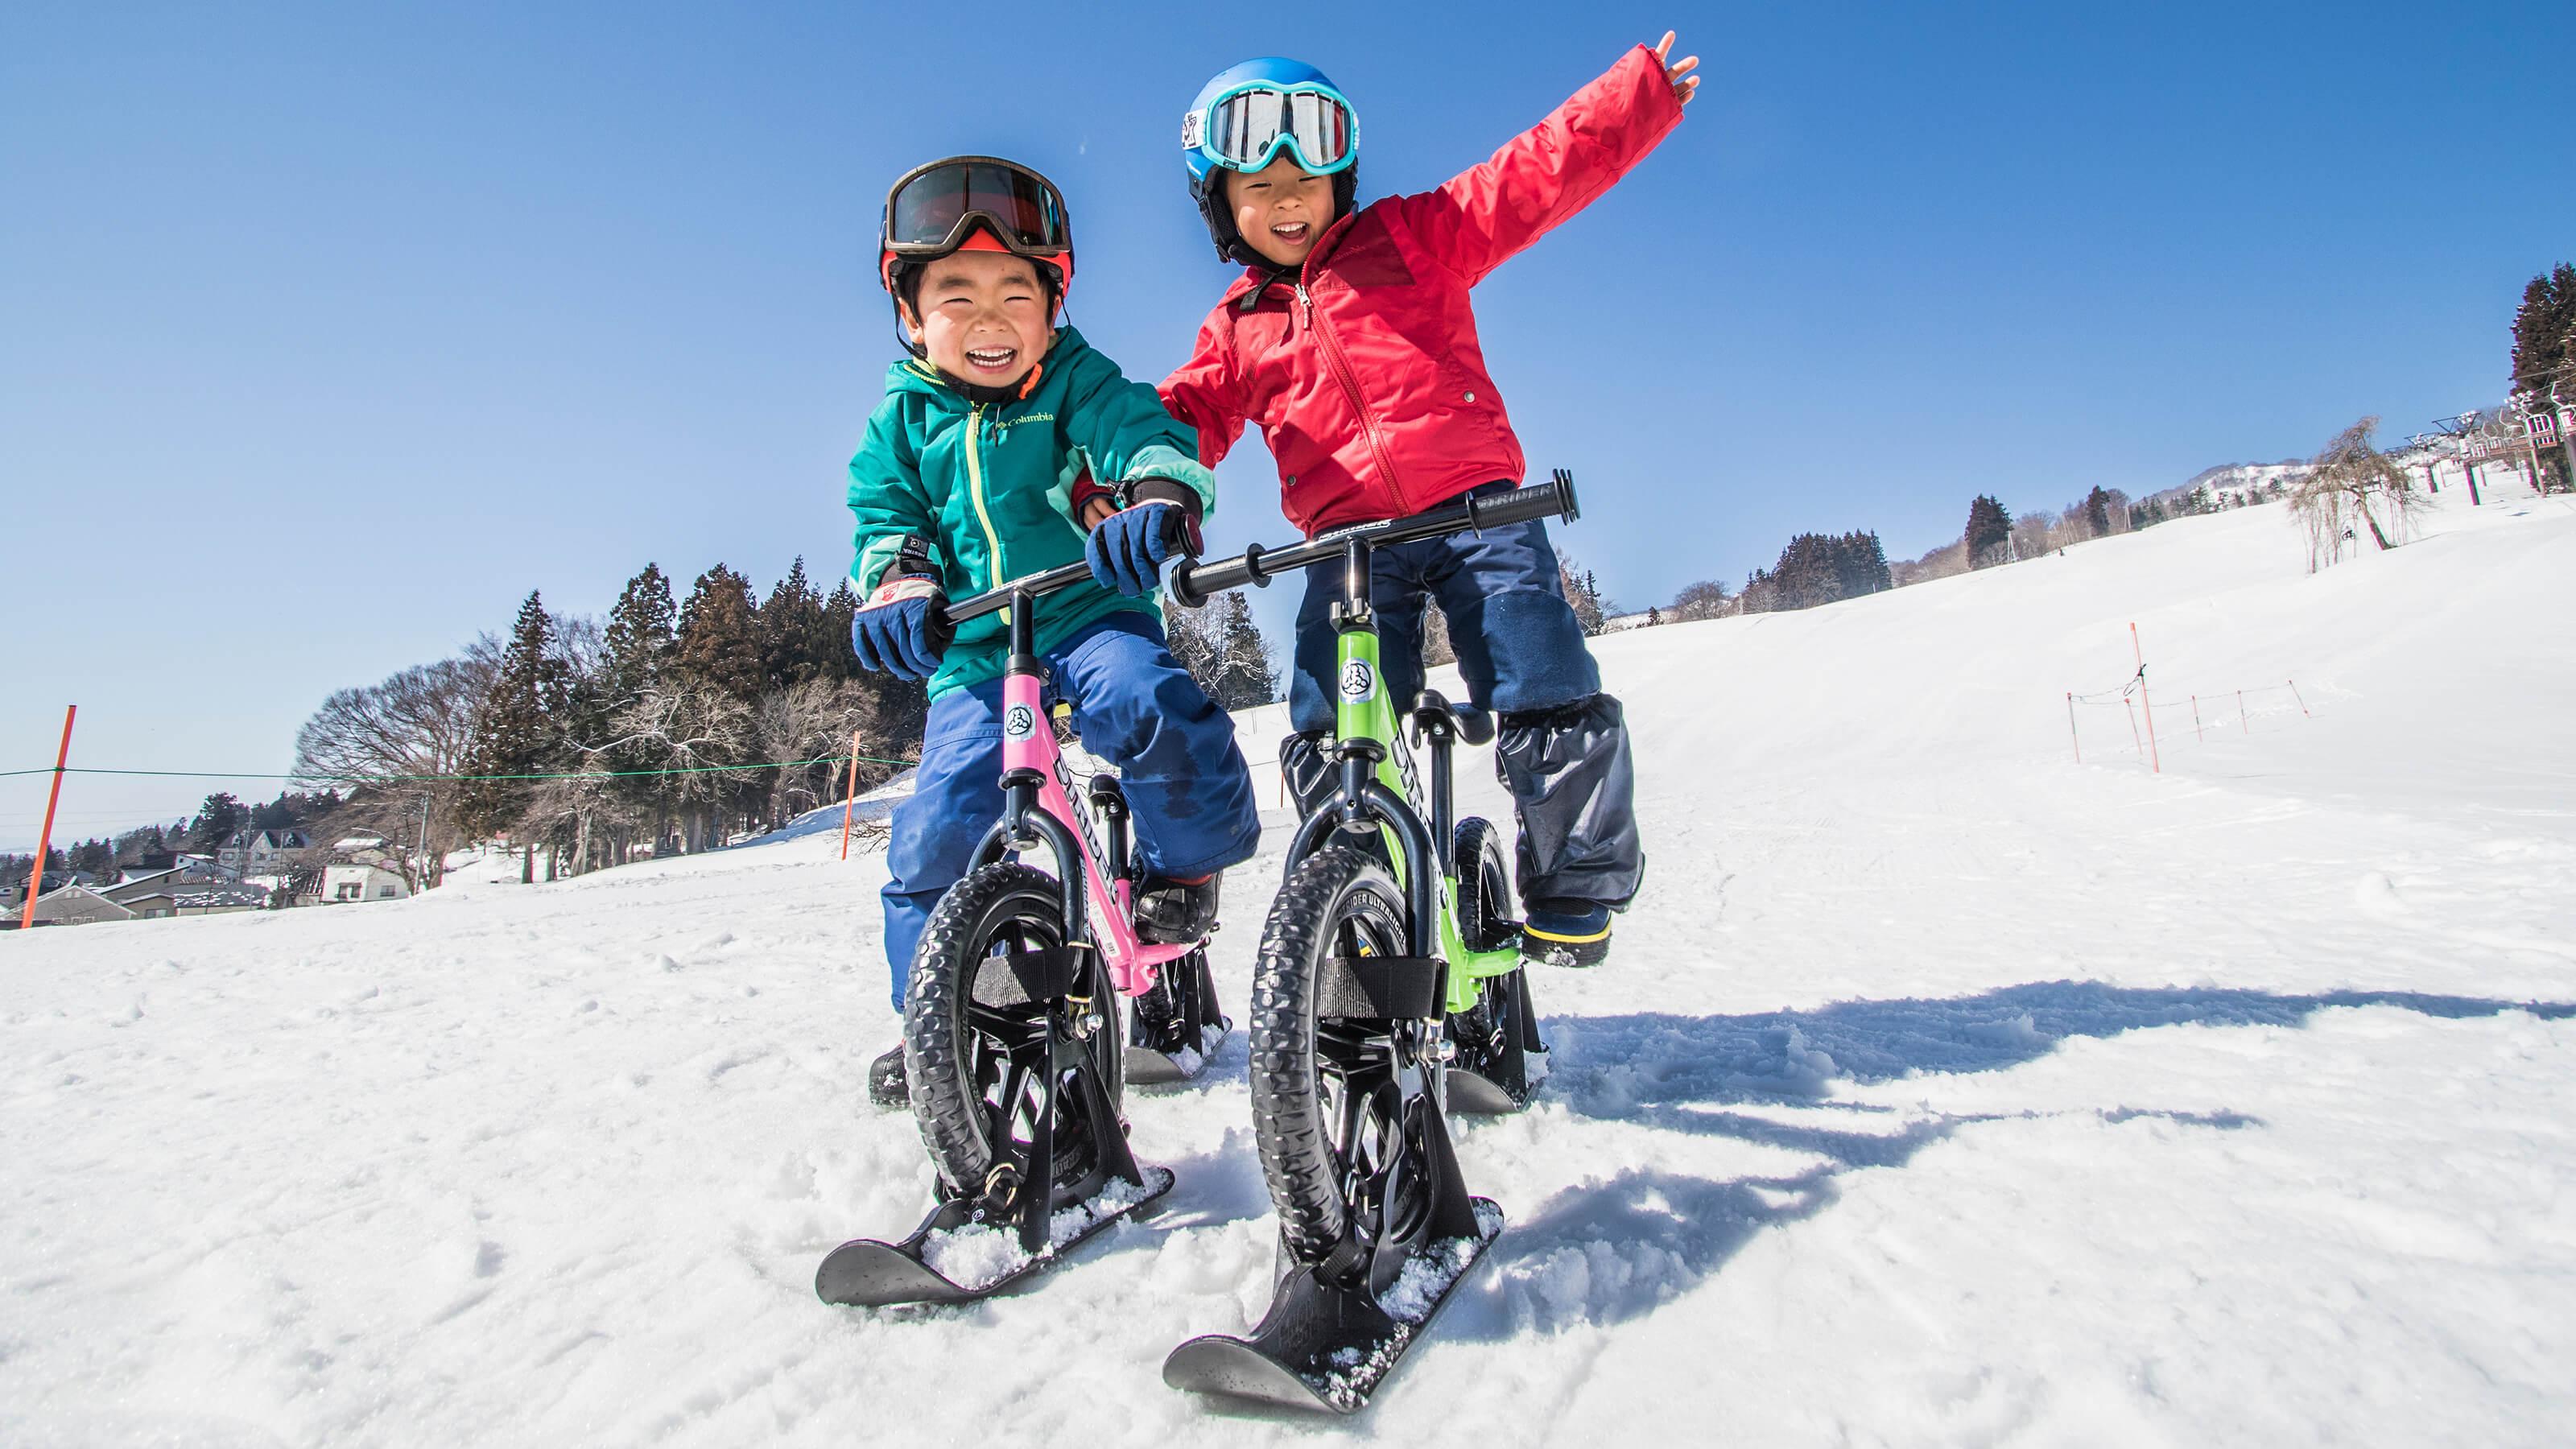 温泉 戸 場 狩 スキー